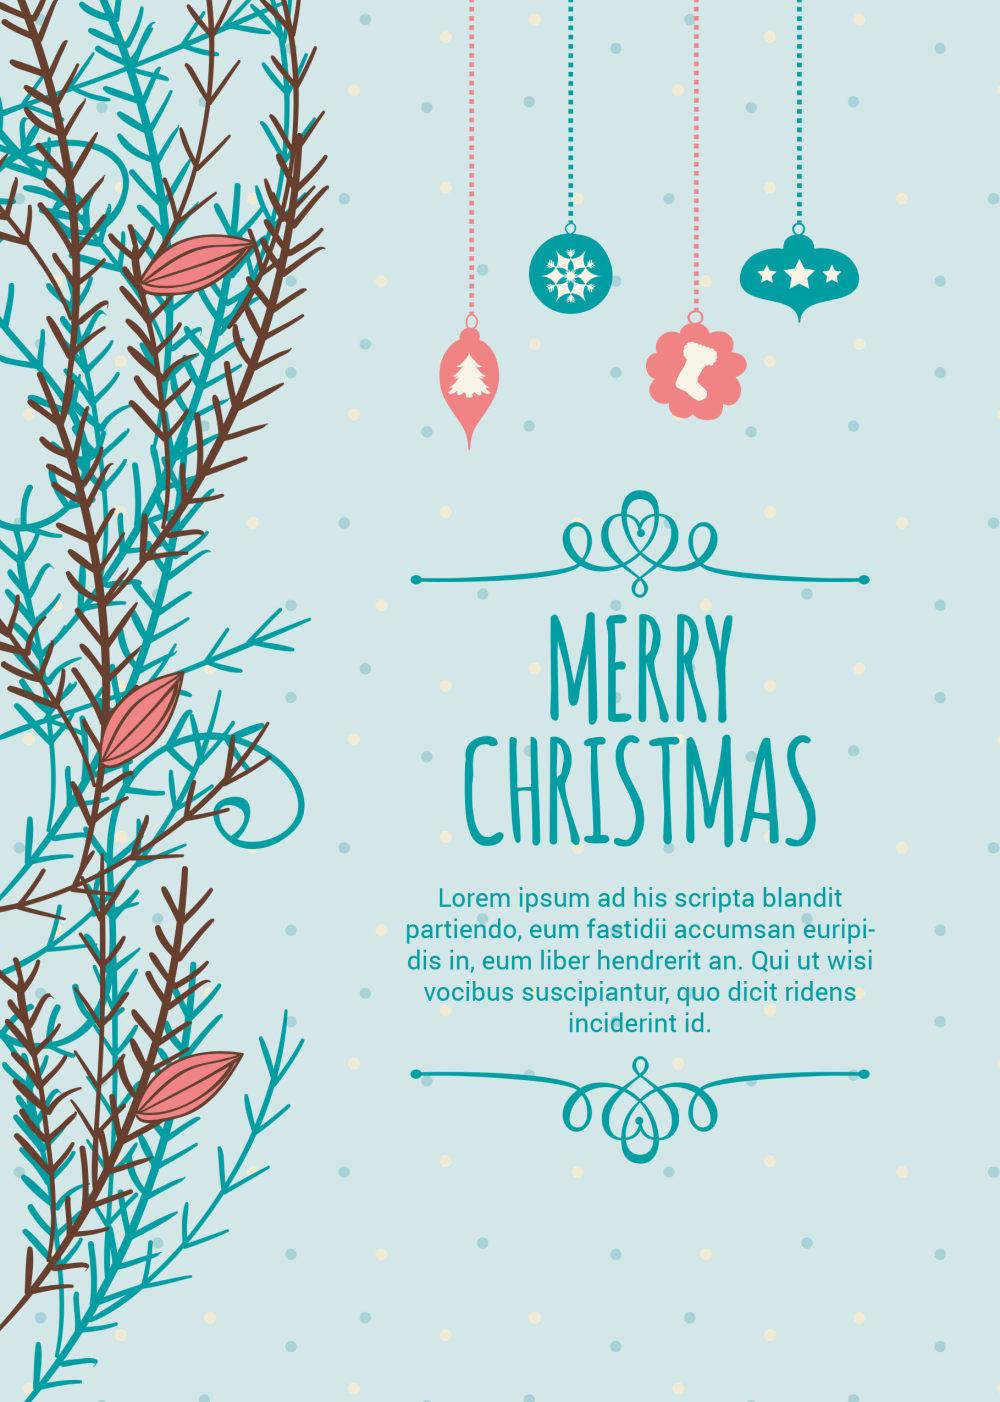 圣诞节节日海报设计ai矢量素材